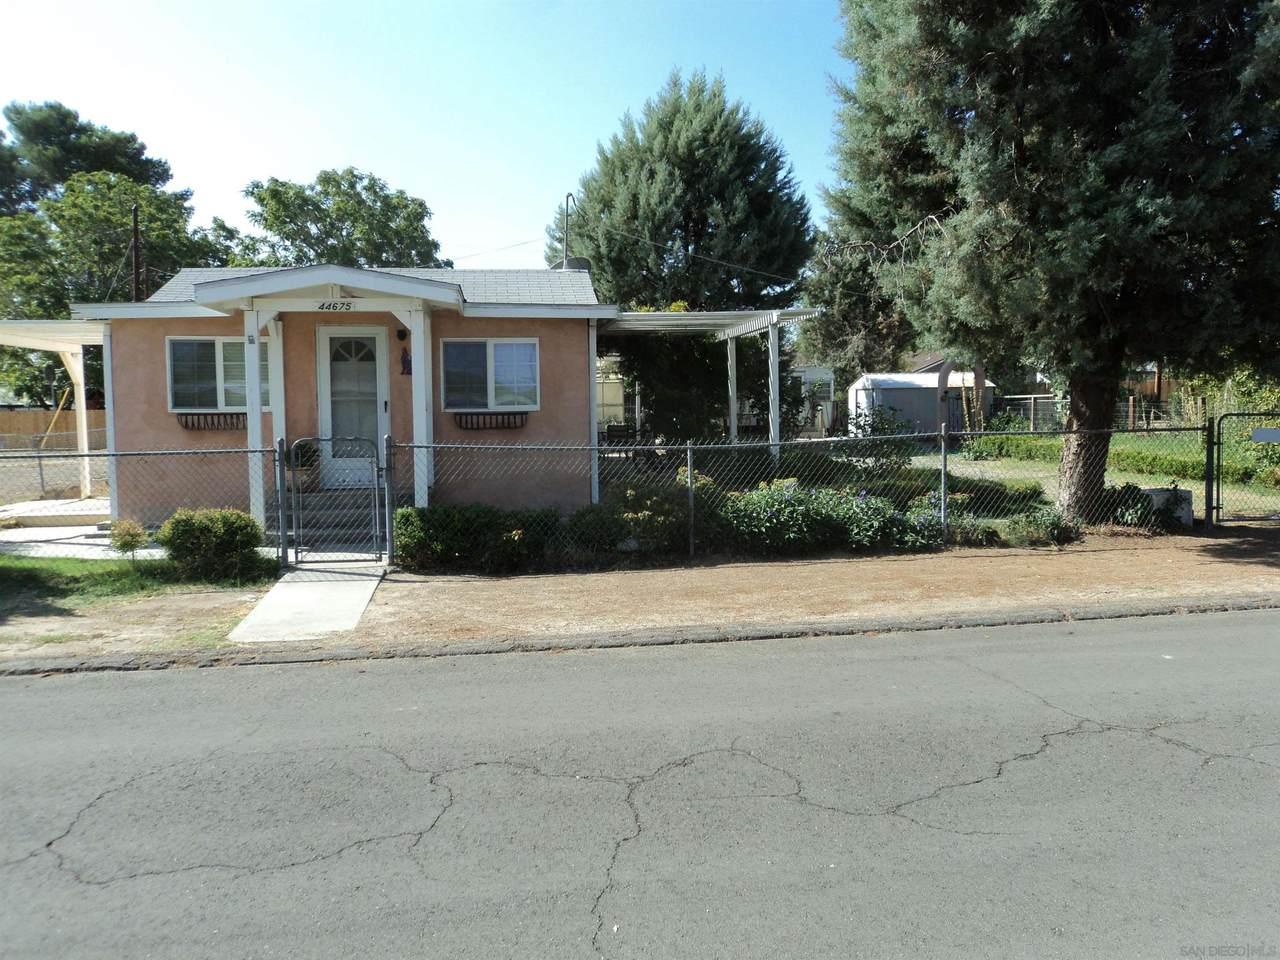 44675 Calexico Ave - Photo 1